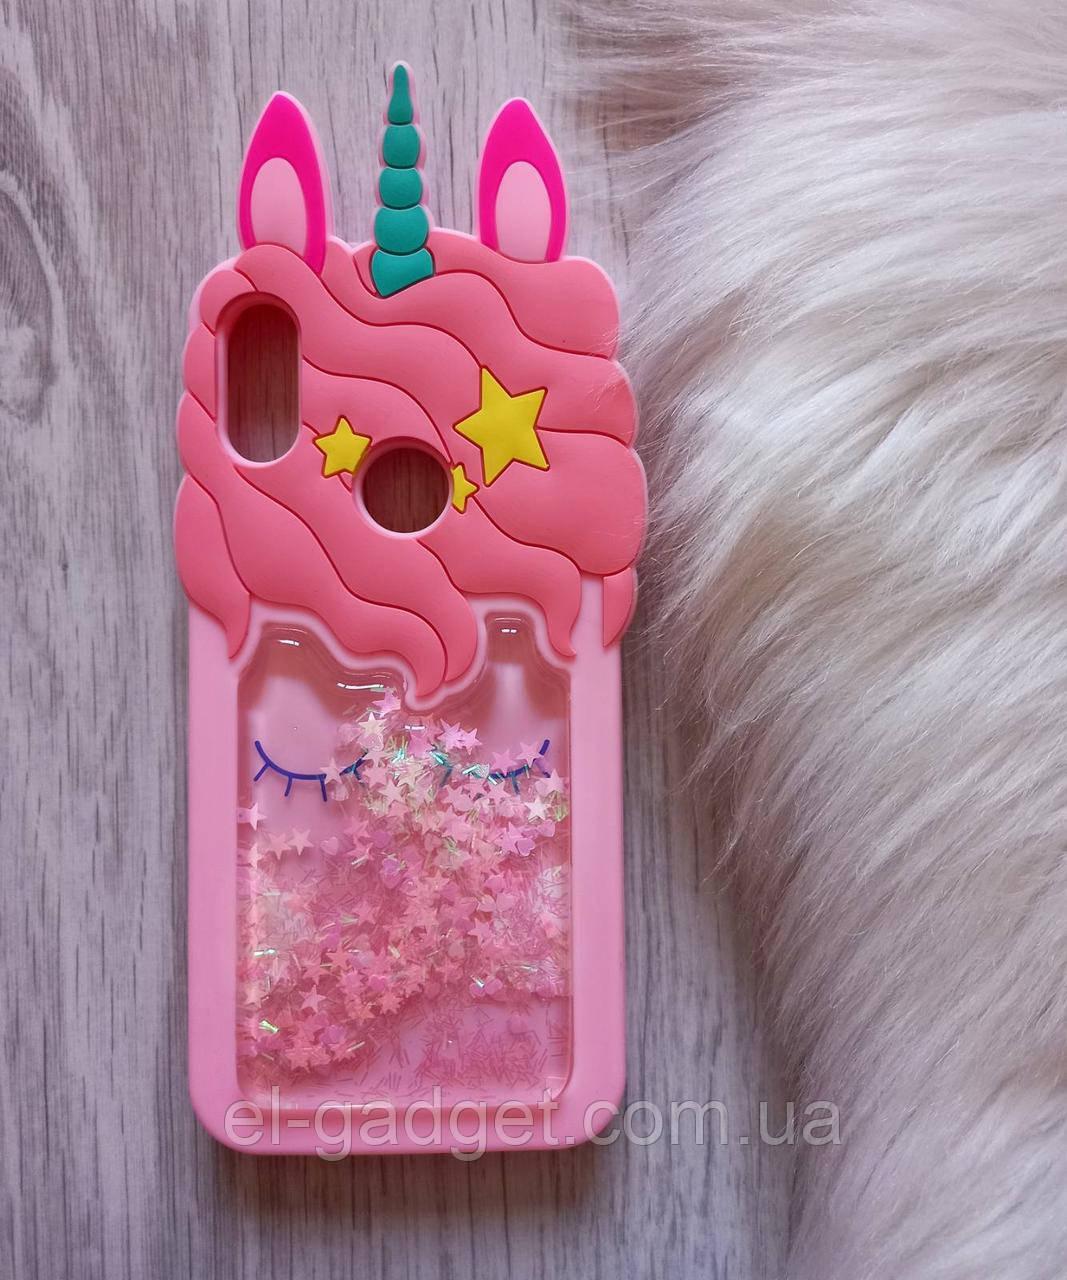 Чехол для Xiaomi Redmi 7 Единорог розовый с блестками